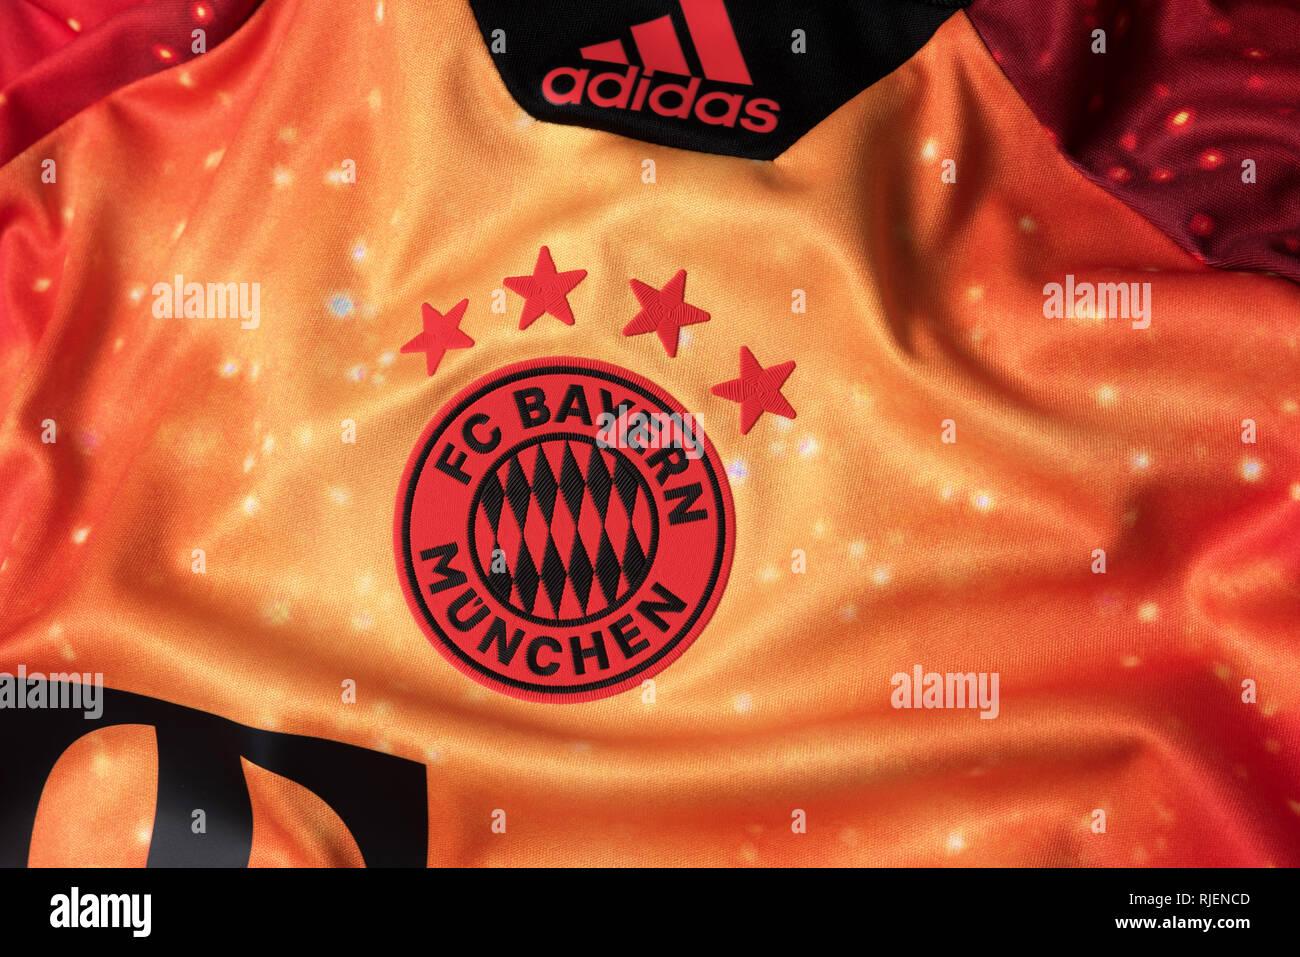 timeless design 4bd51 9b3f7 Fc Bayern Munich Jersey Stock Photos & Fc Bayern Munich ...